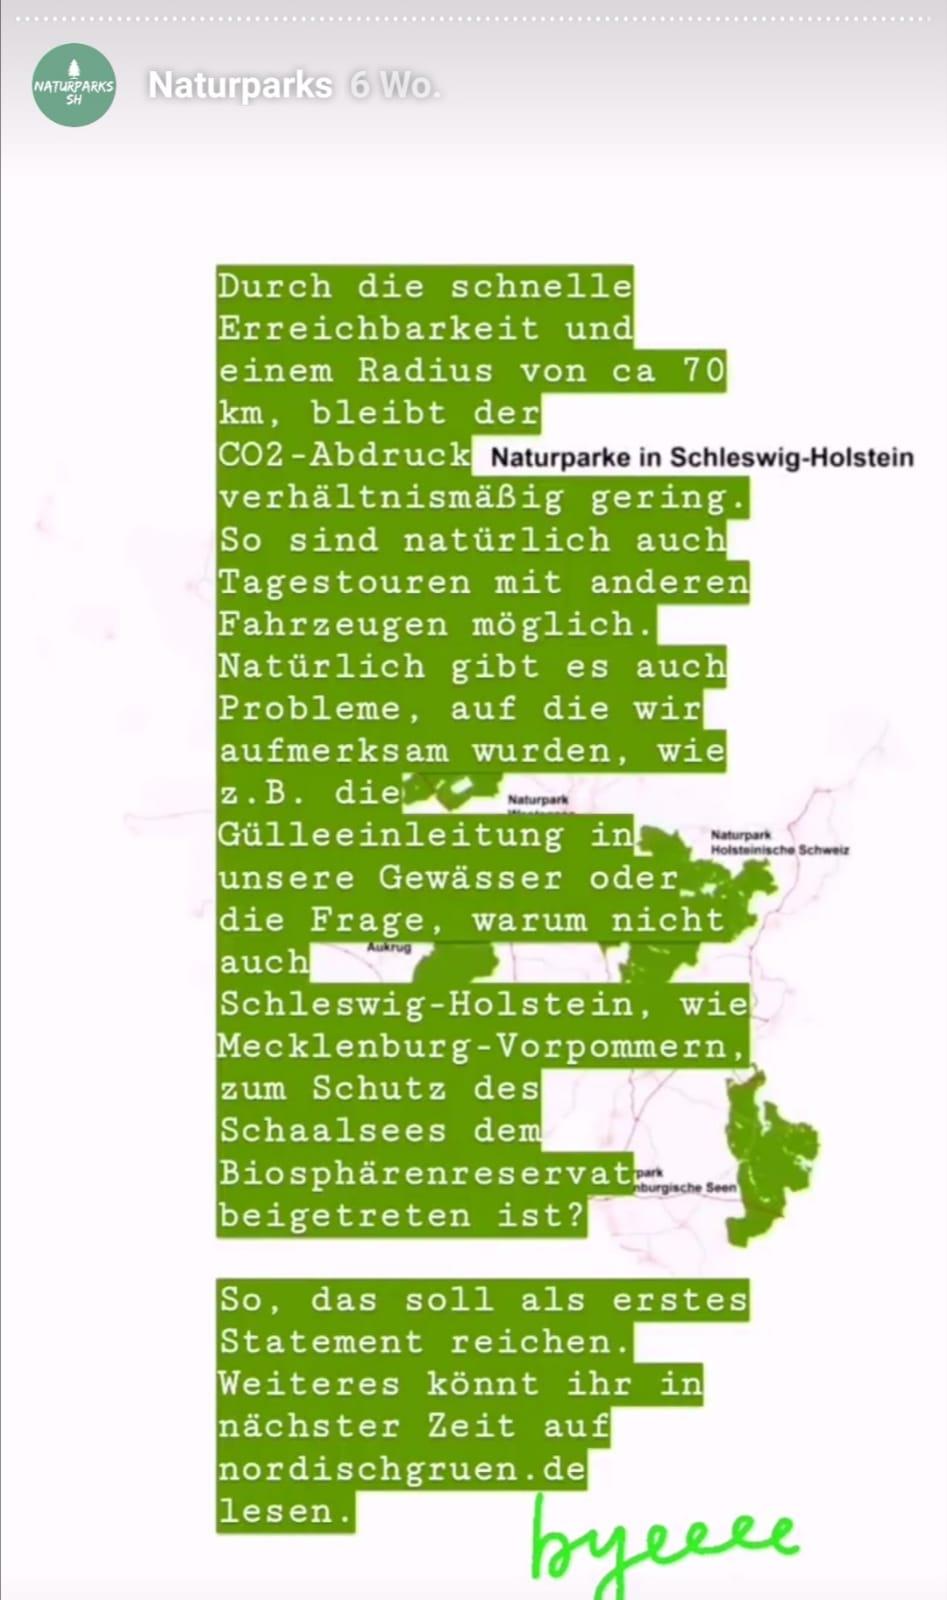 Naturpark Schlei: Naturparks Schleswig-Holstein: nordischgruen